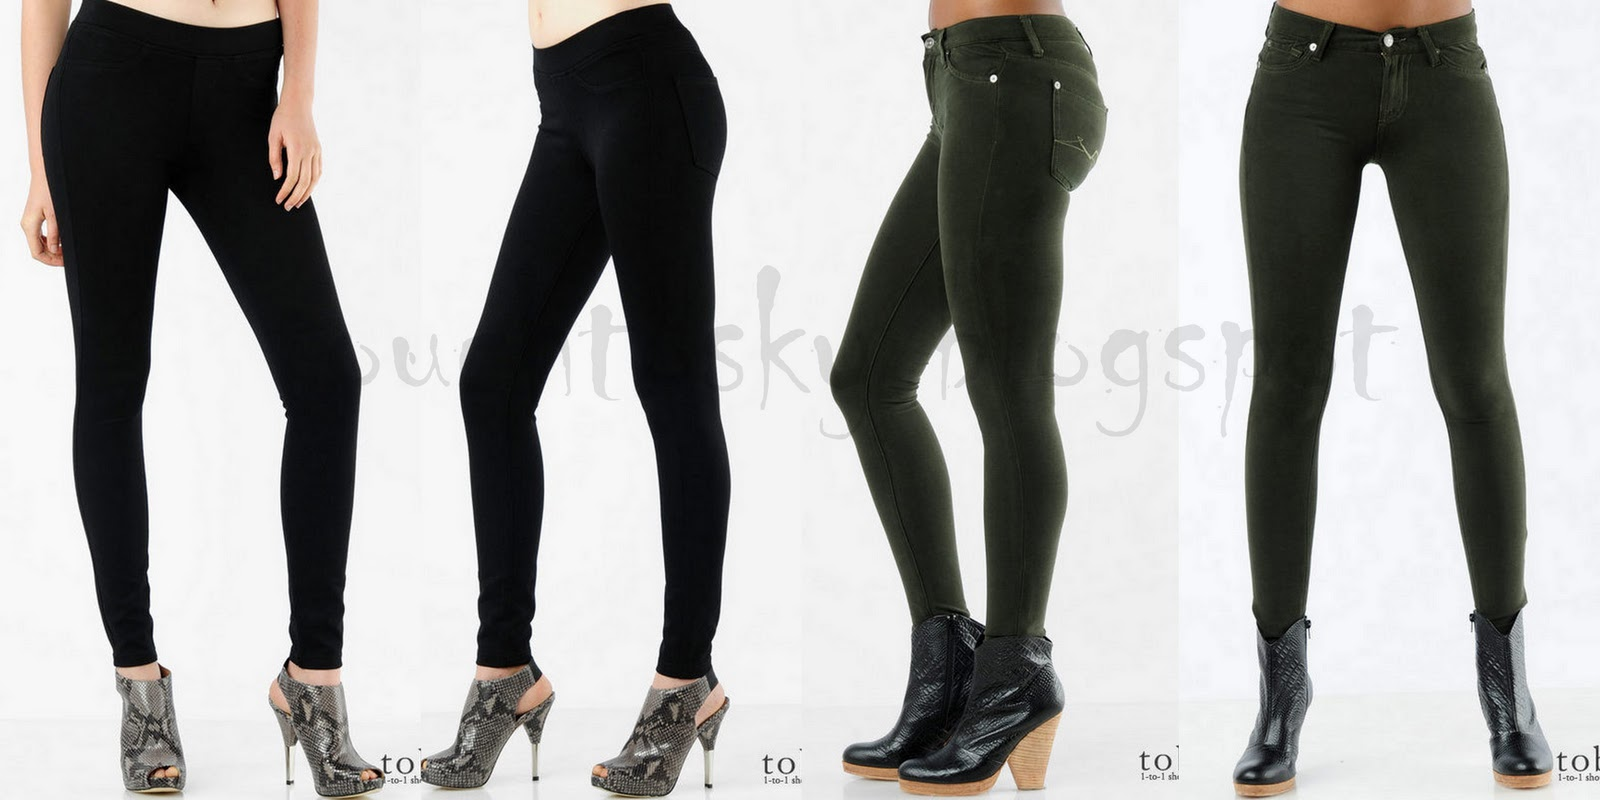 Yeni 2012 Hangi jean Hangi ayakkabıyla modası modelleri örnekleri ...